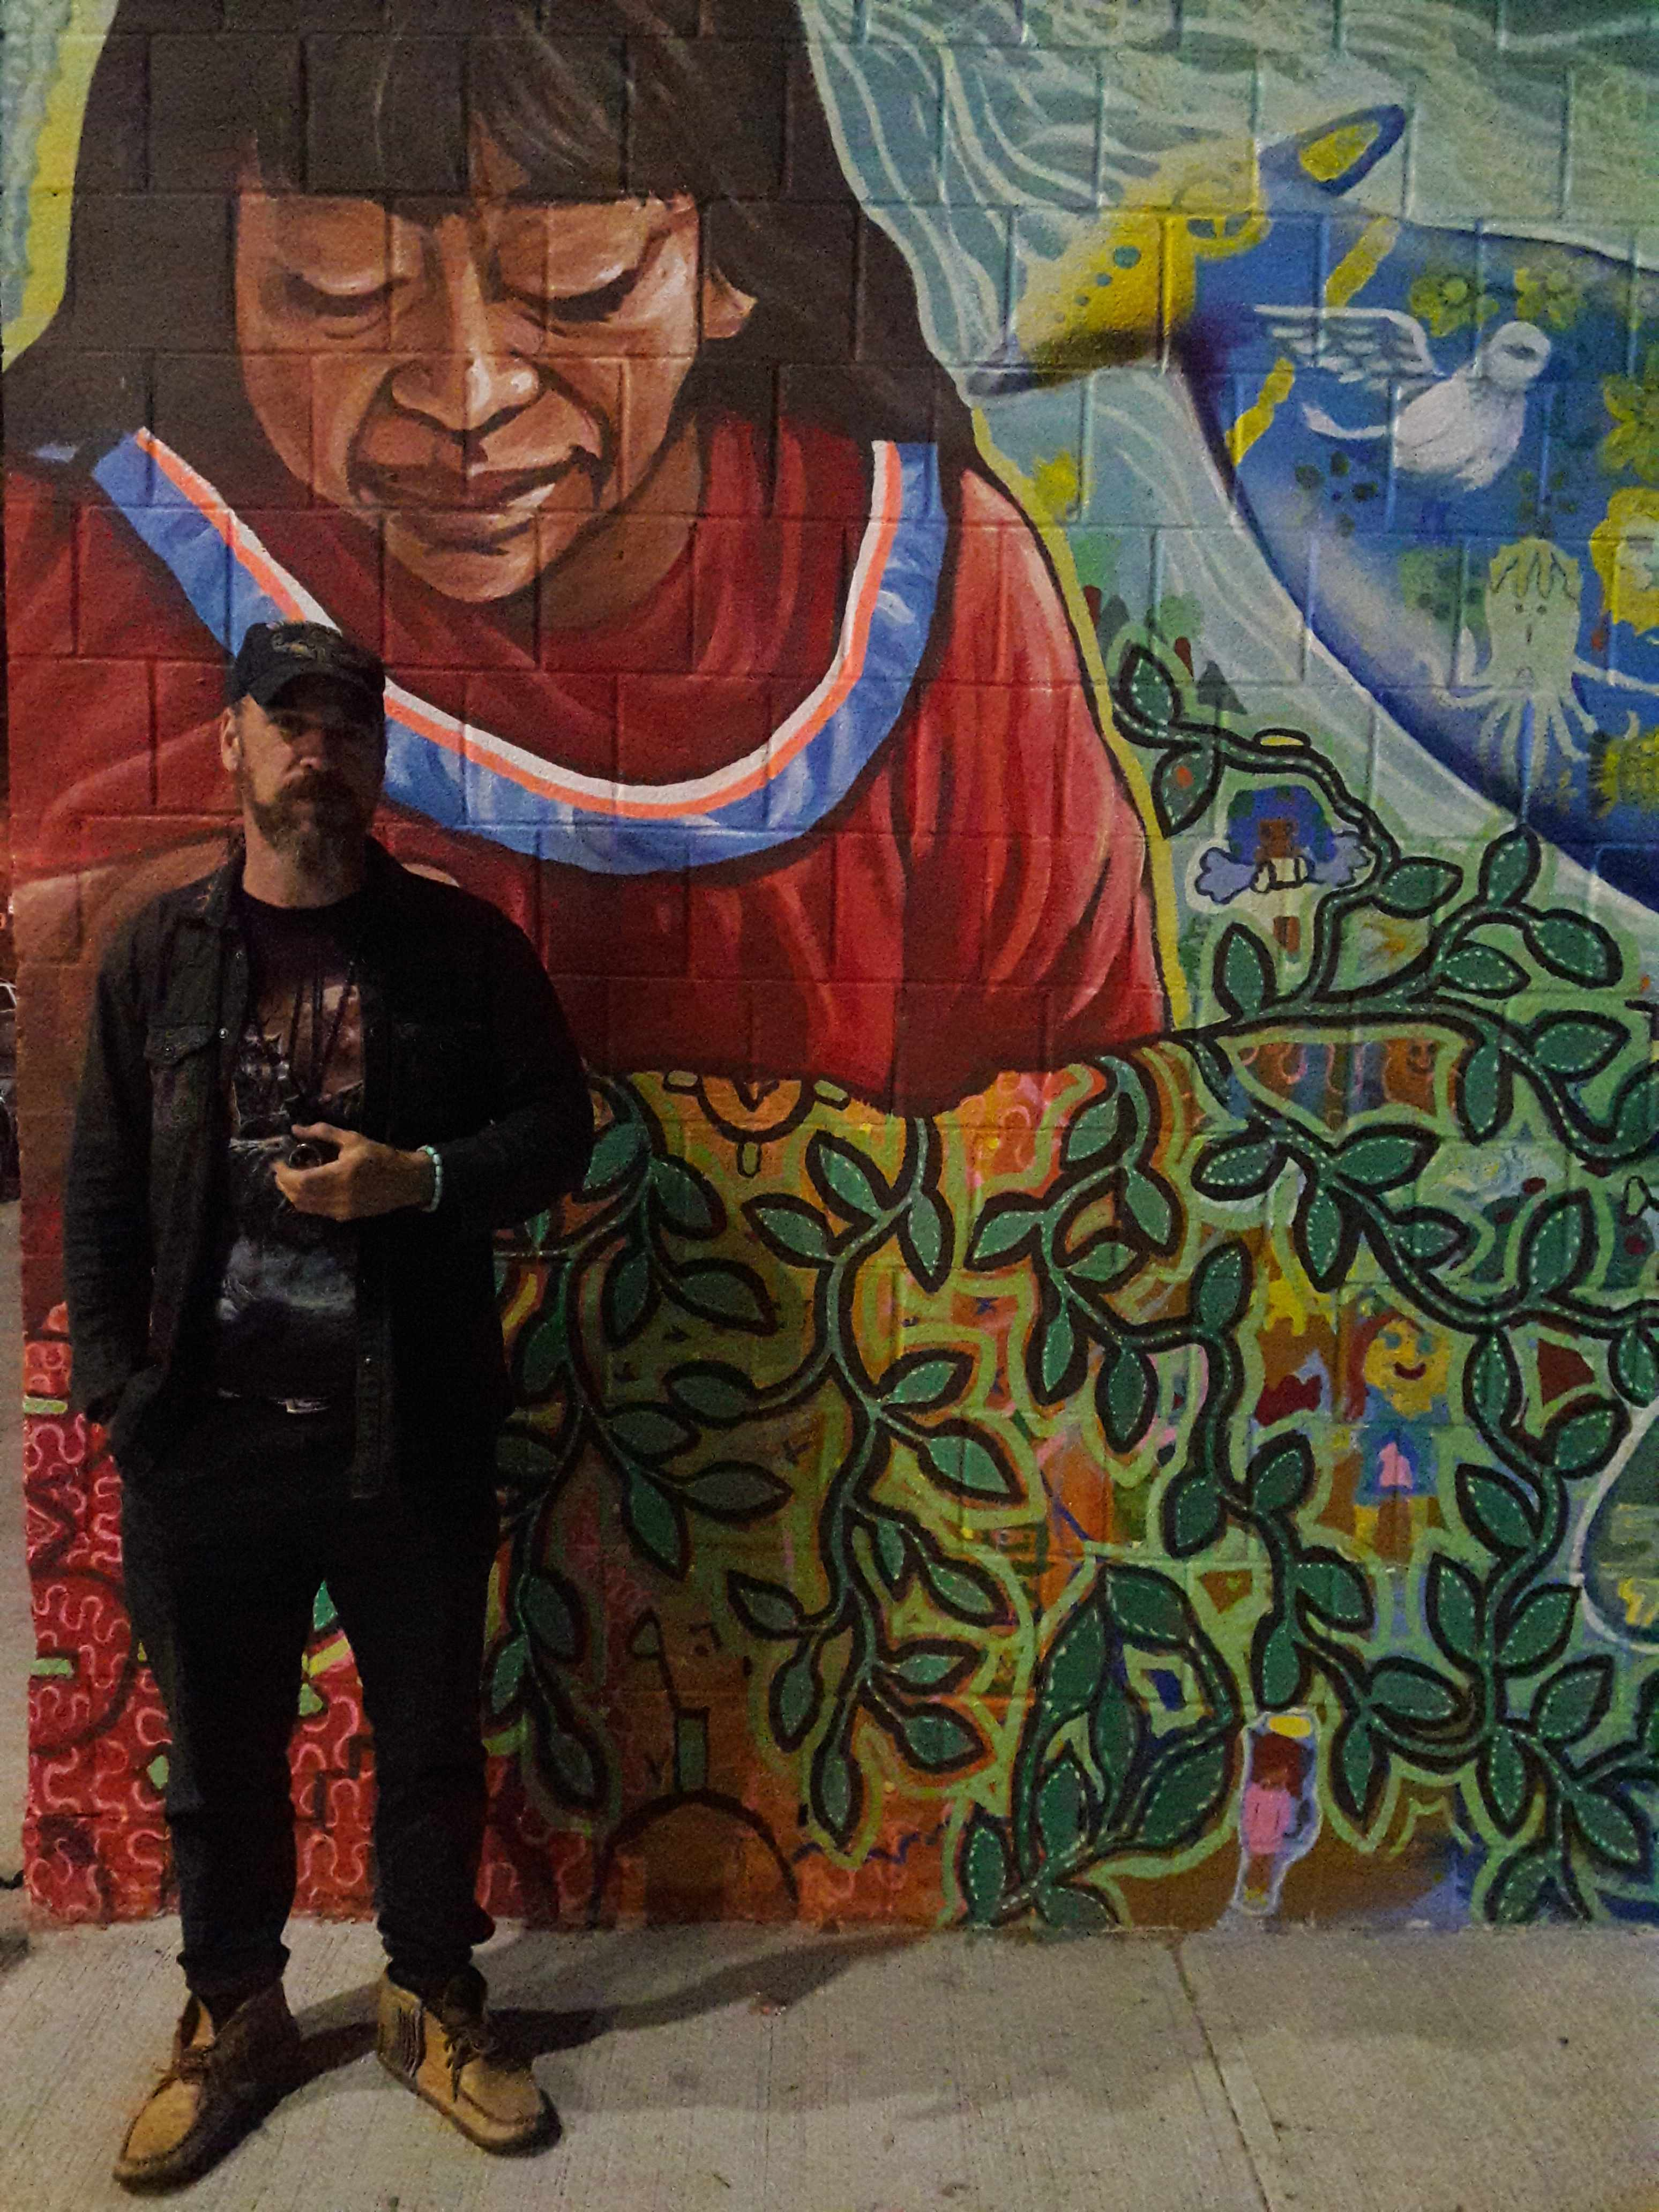 Tete & Mural by Maggie Lochtenberg